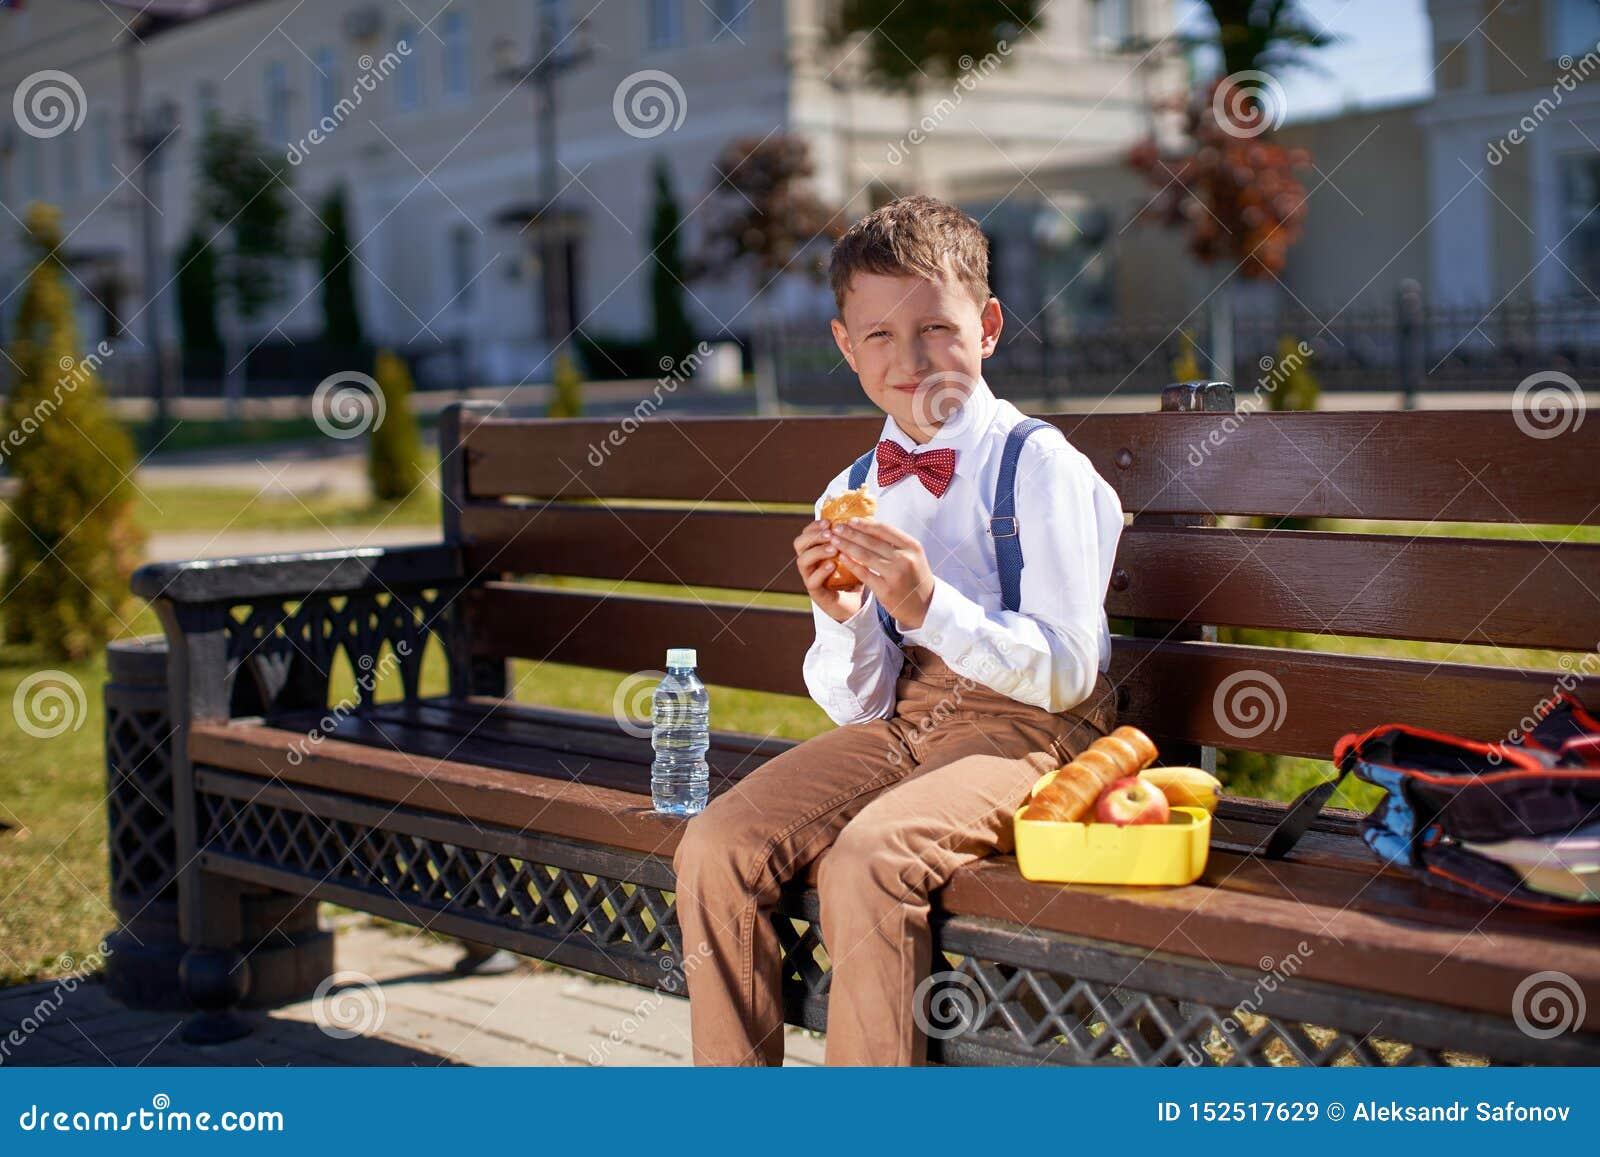 Leuke schooljongen die in openlucht de school eten Gezond schoolontbijt voor kind Voedsel voor lunch, lunchboxes met sandwiches,